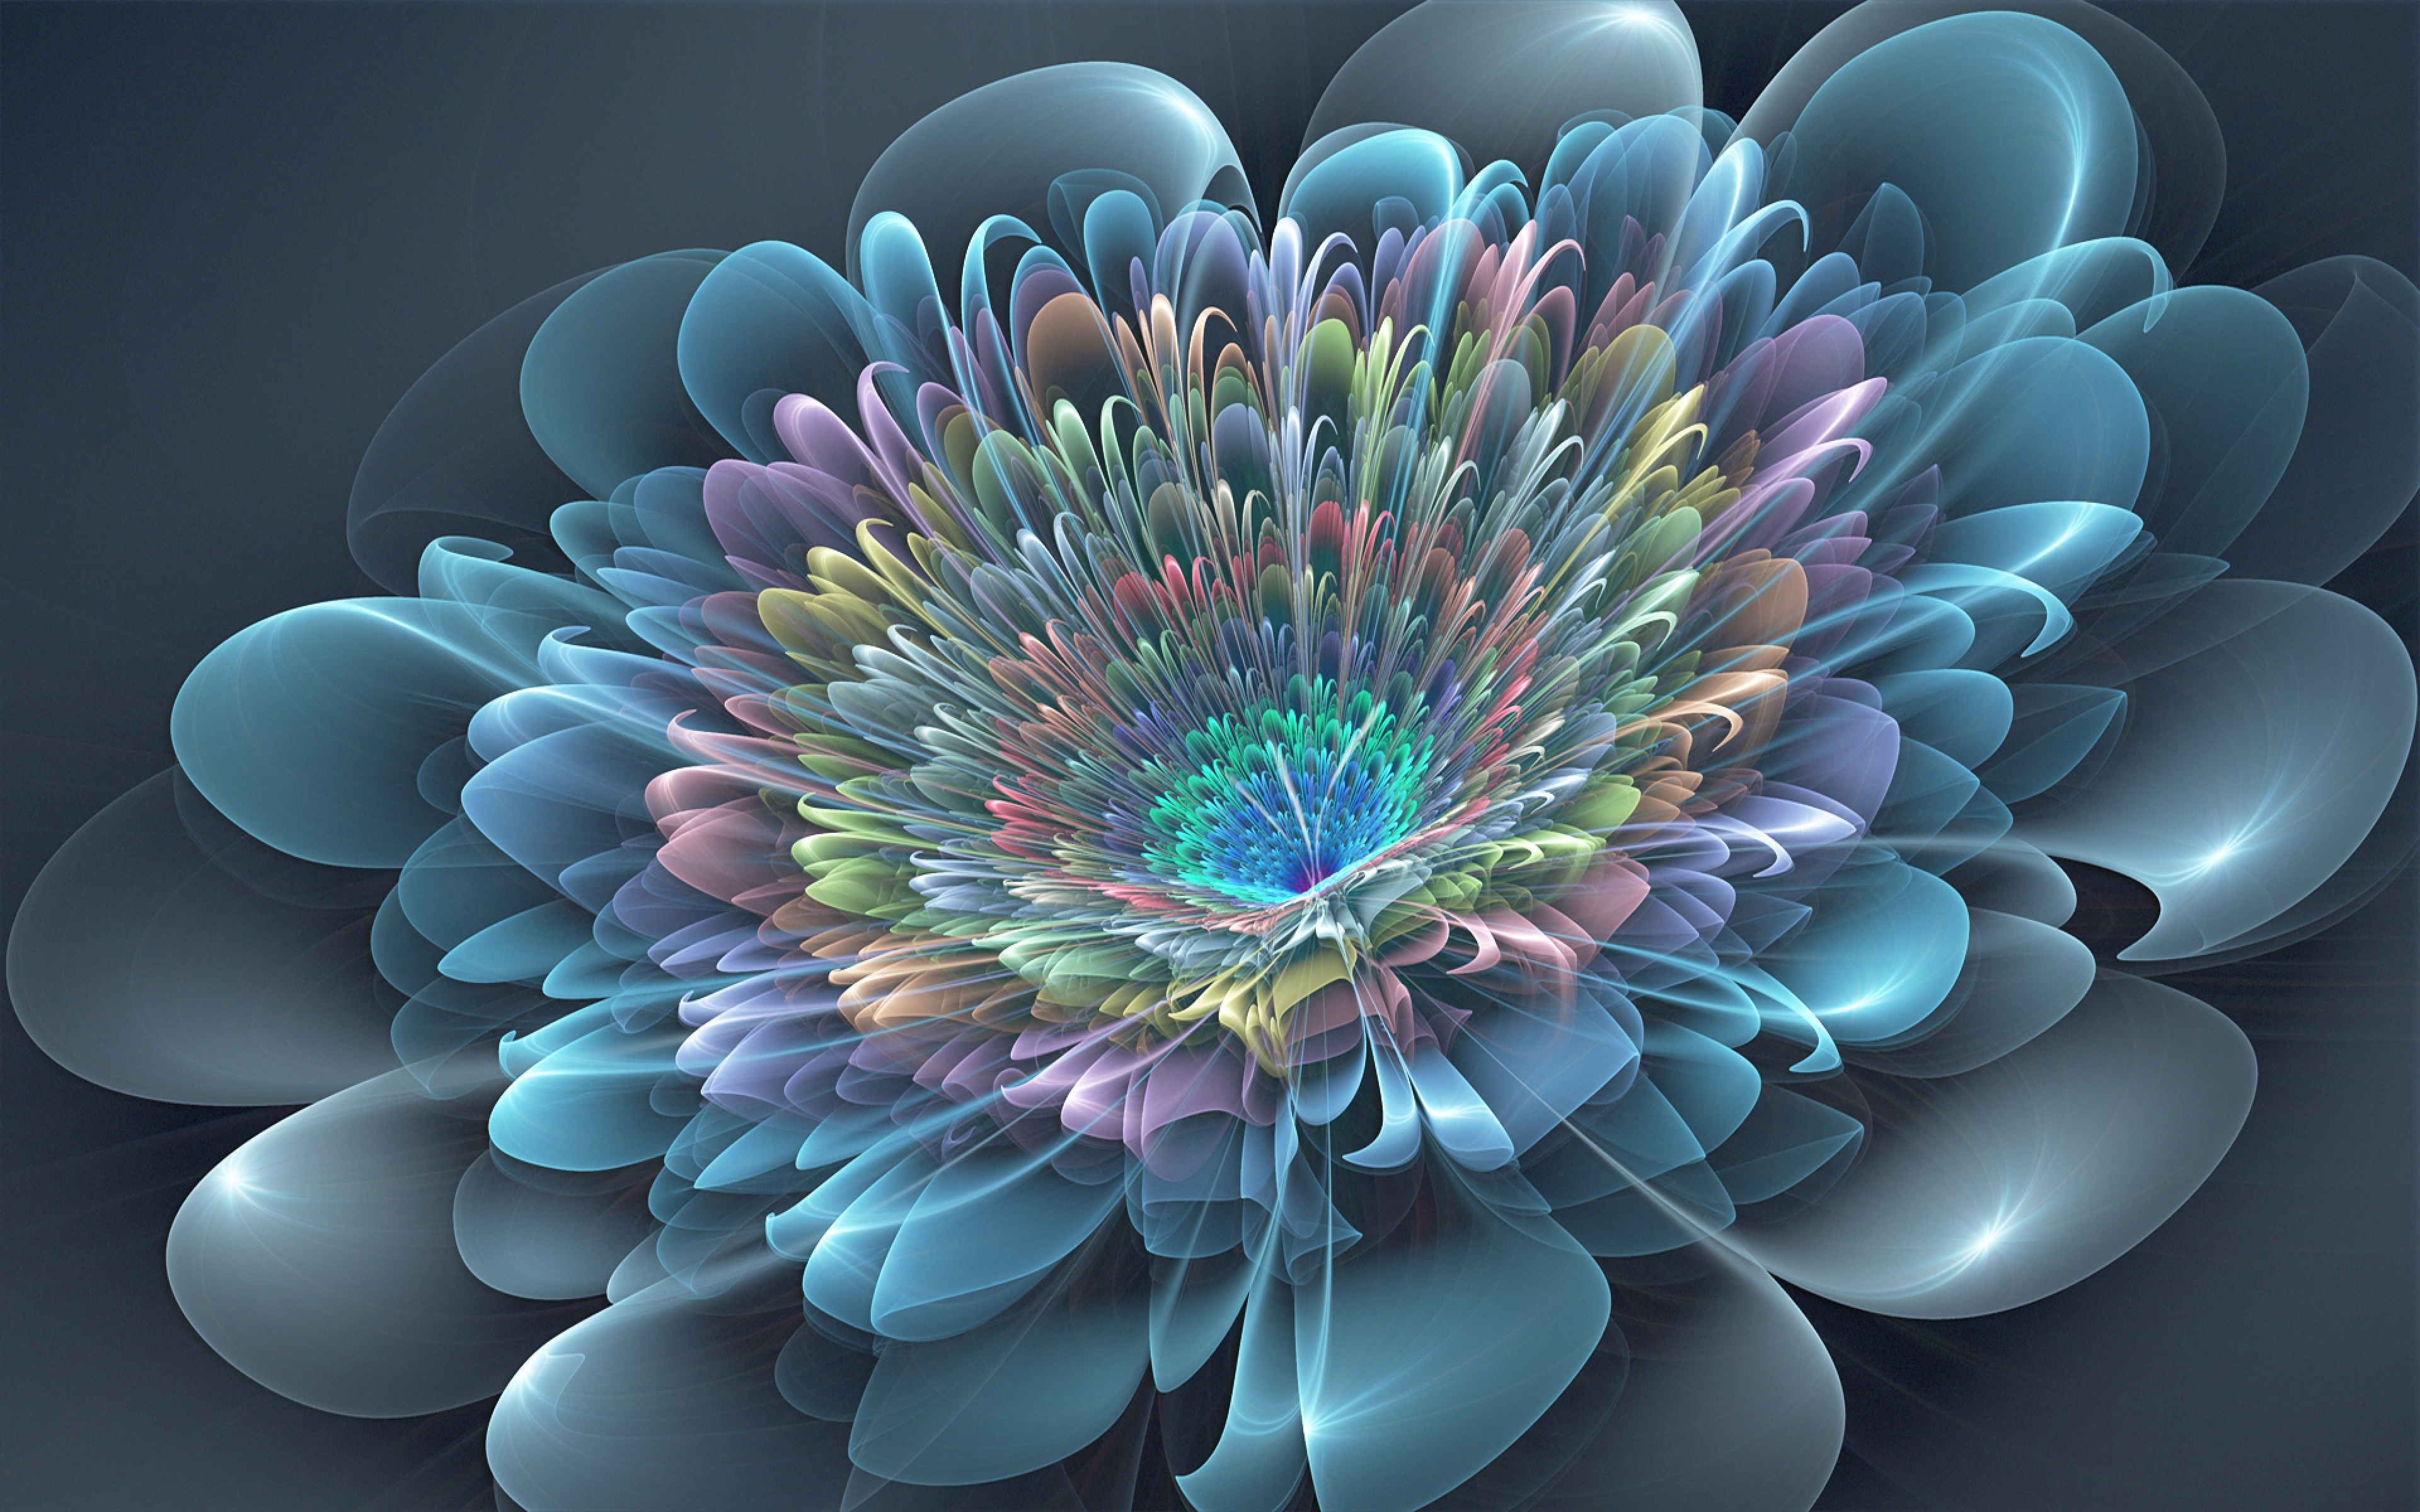 4K Flower Wallpapers - WallpaperSafari